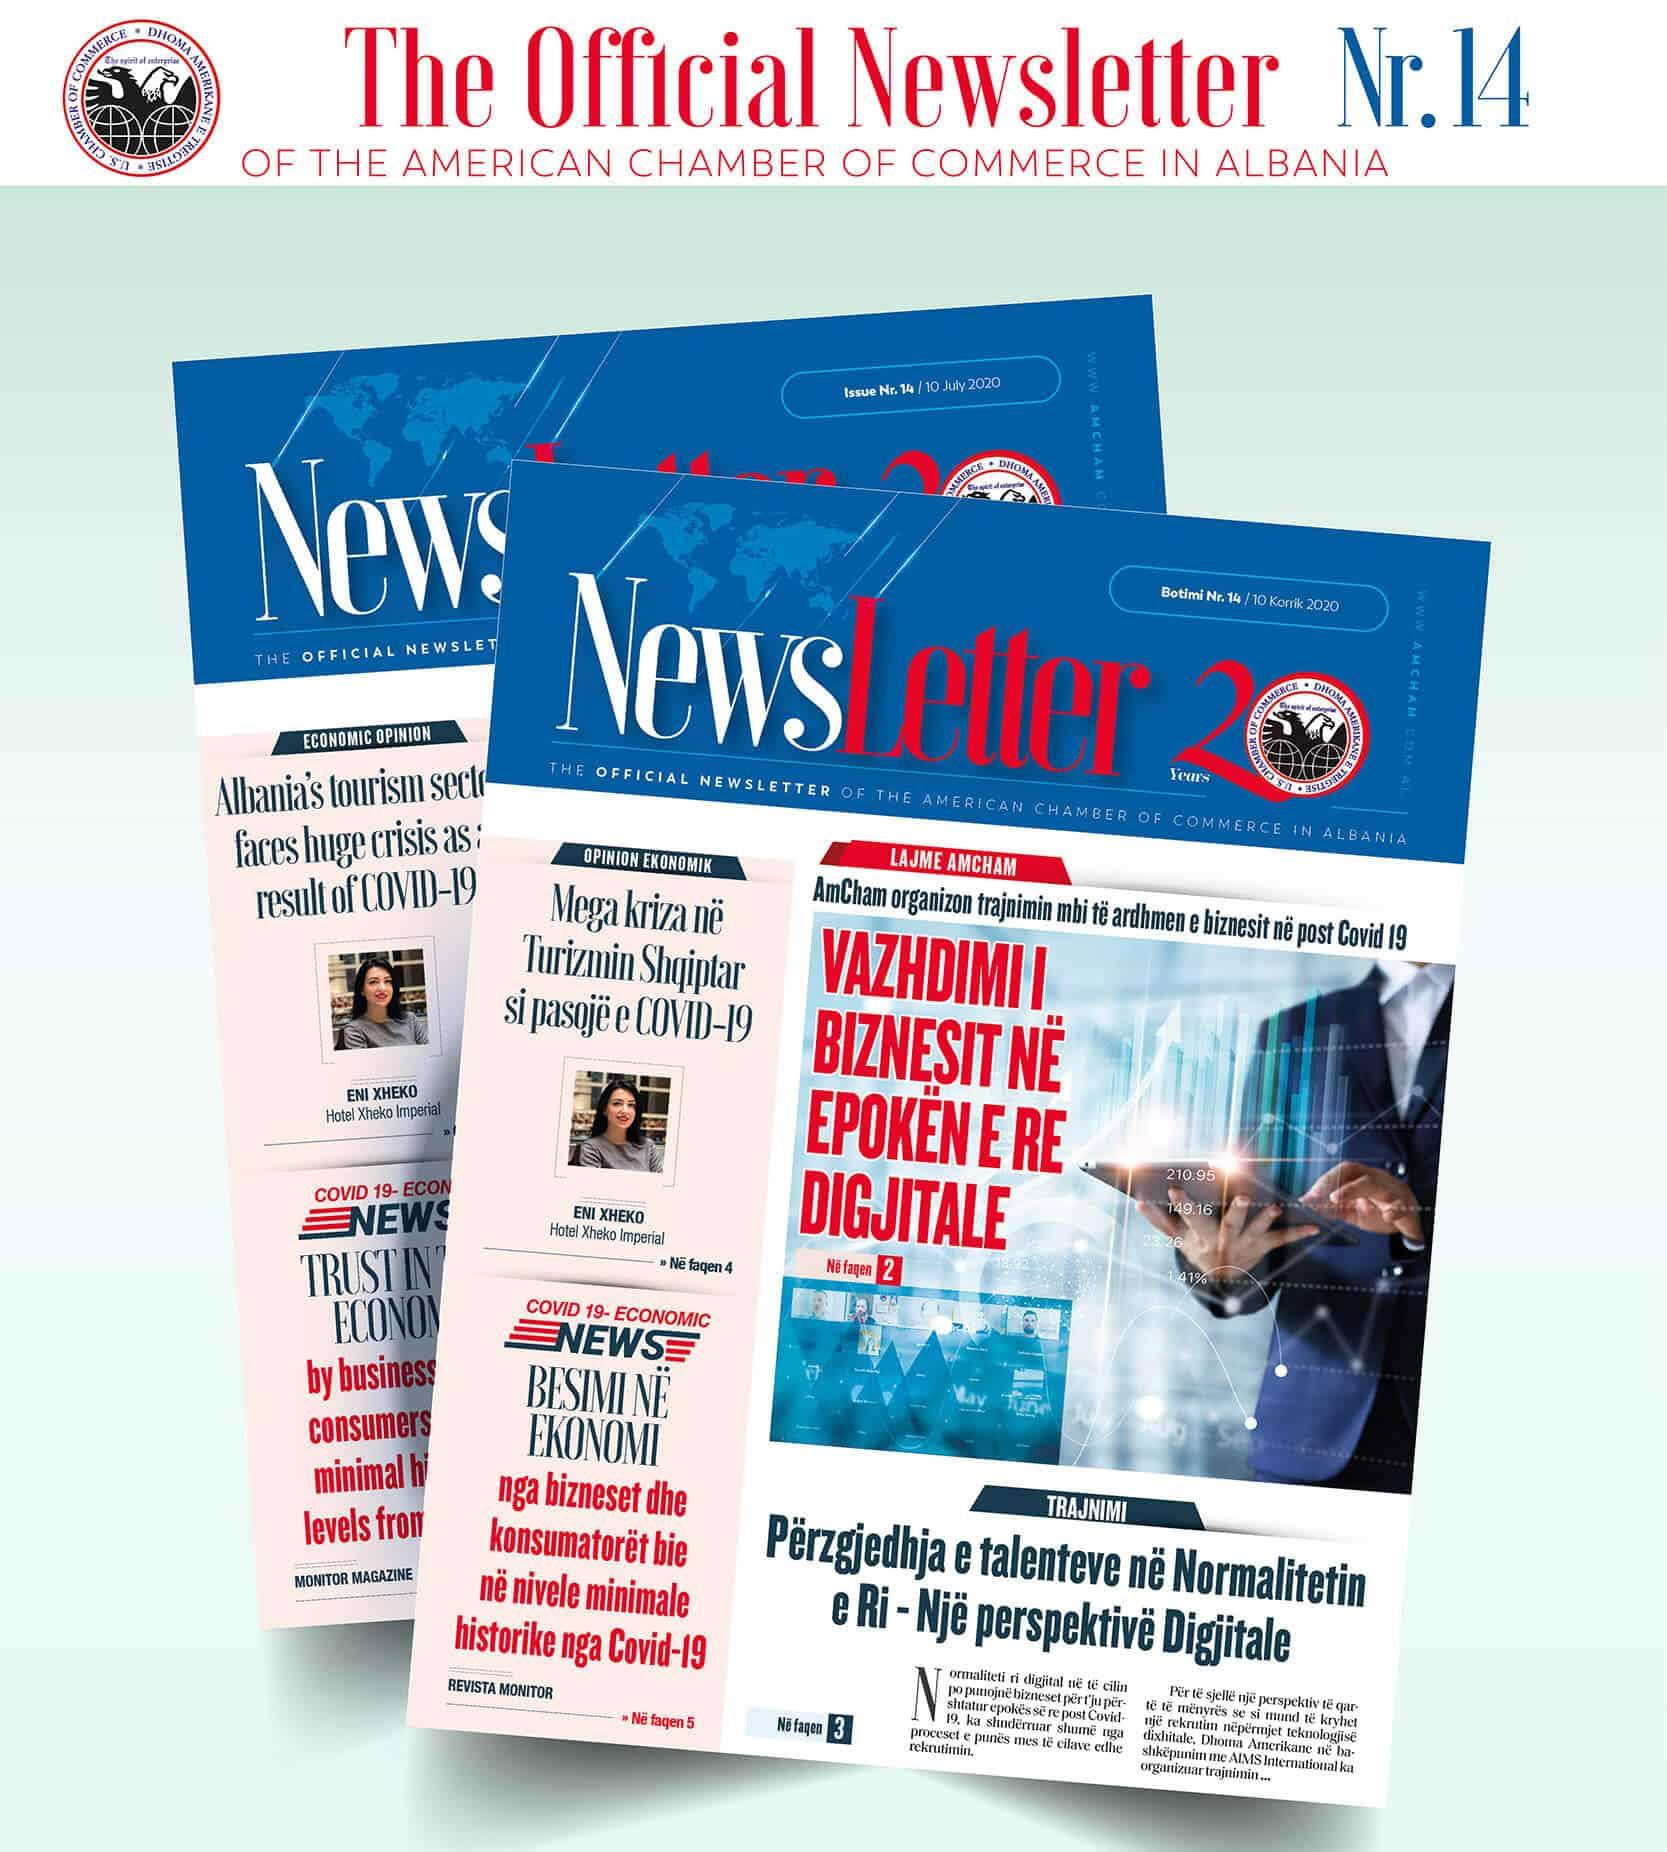 Newsletter 14